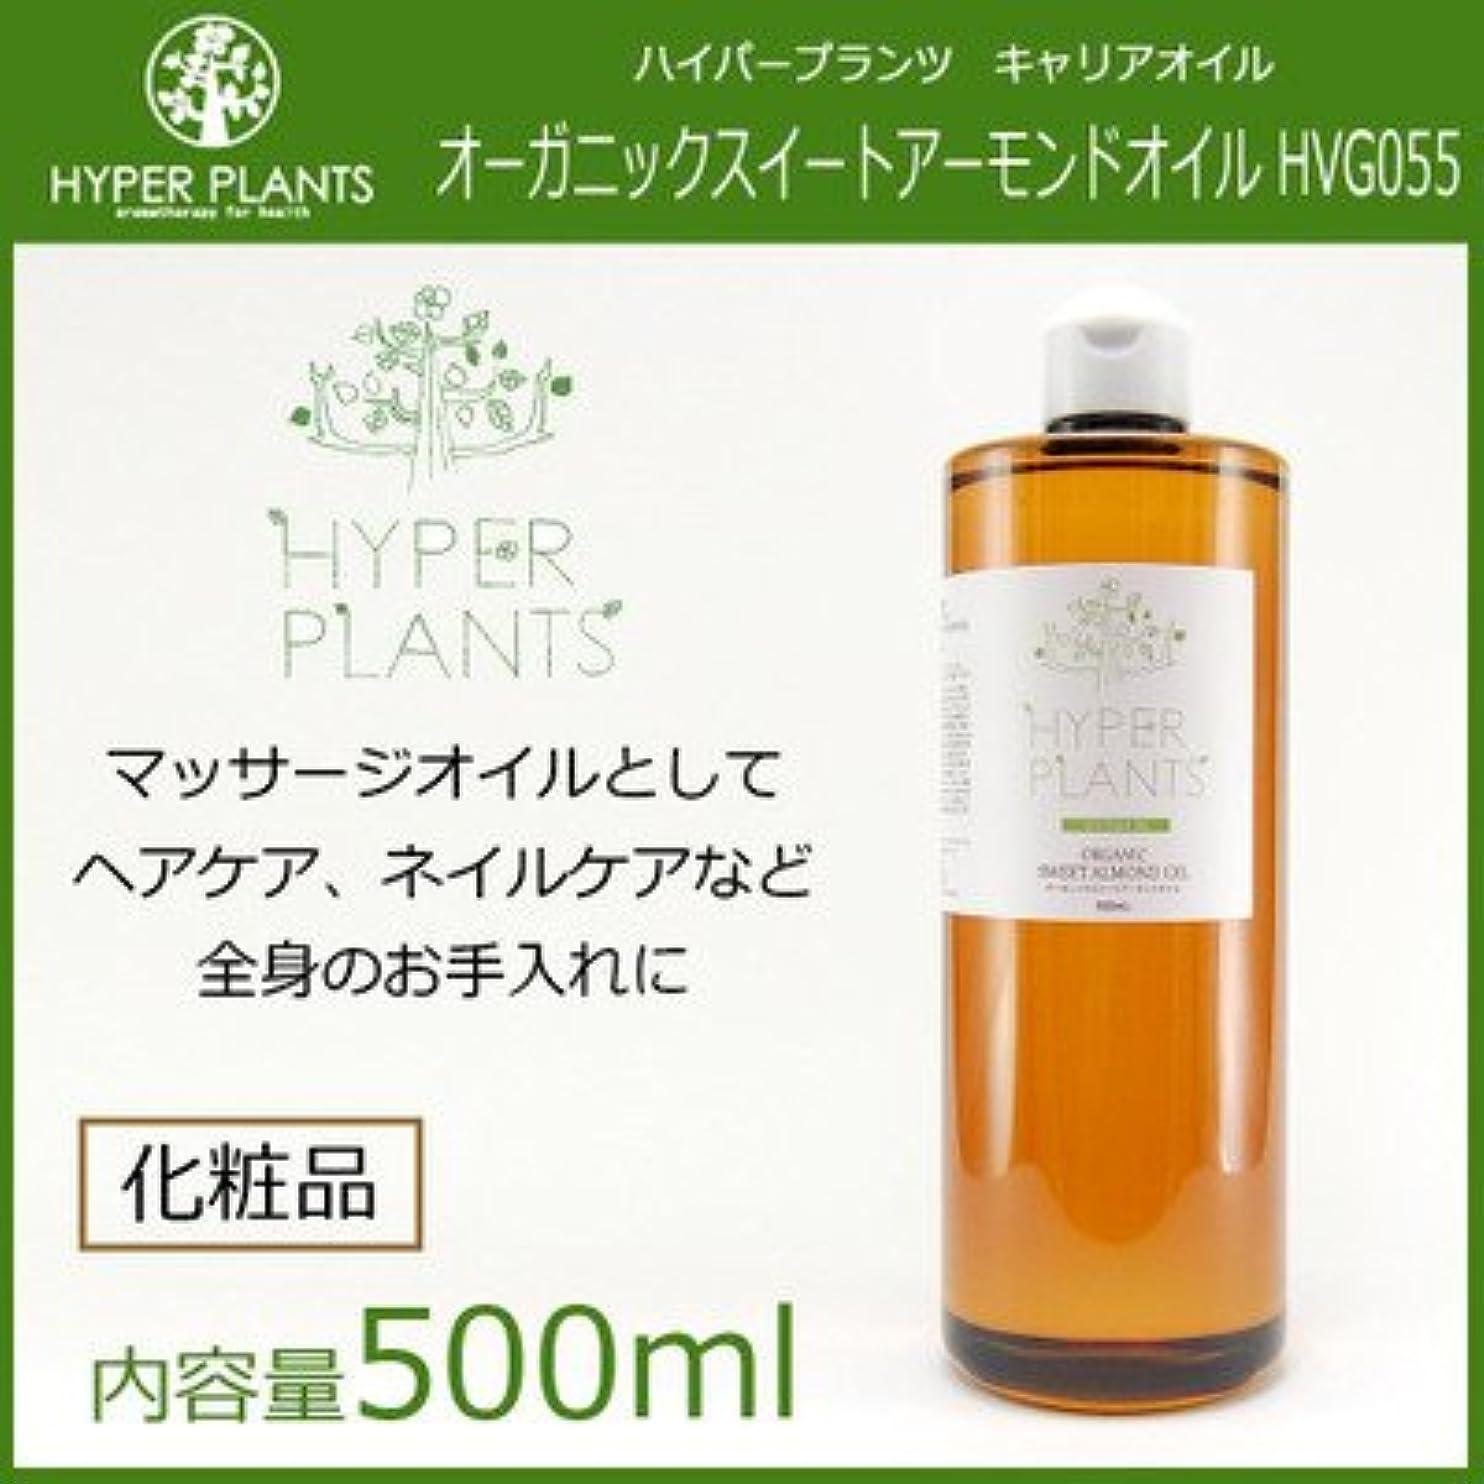 かりて炭素ブース天然植物原料100%使用 肌をやさしく守る定番オイル HYPER PLANTS ハイパープランツ キャリアオイル オーガニックスイートアーモンドオイル 500ml HVG055